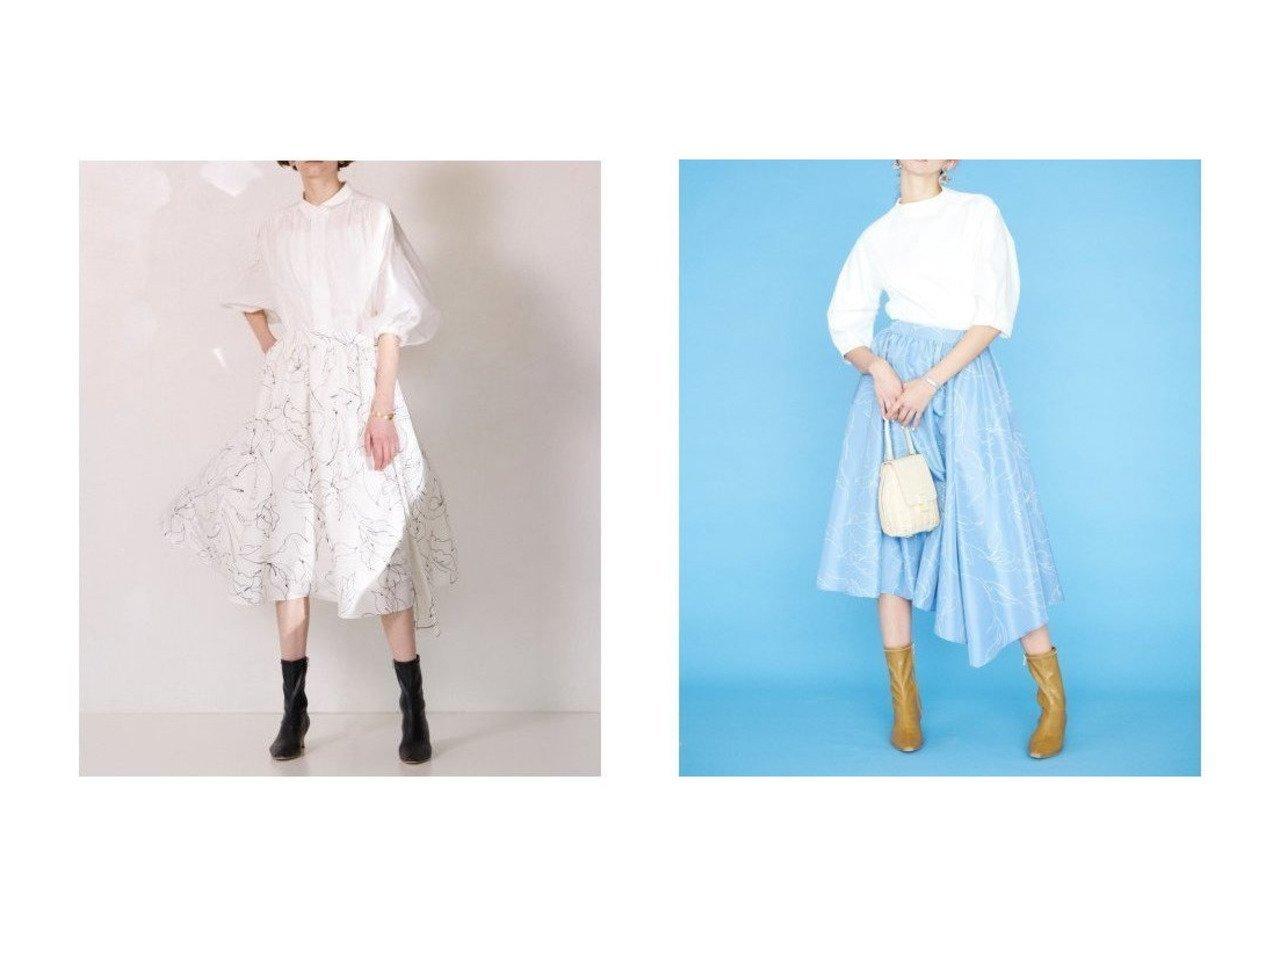 【CELFORD/セルフォード】のラインフラワ-プリントスカート スカートのおすすめ!人気、トレンド・レディースファッションの通販 おすすめで人気の流行・トレンド、ファッションの通販商品 メンズファッション・キッズファッション・インテリア・家具・レディースファッション・服の通販 founy(ファニー) https://founy.com/ ファッション Fashion レディースファッション WOMEN スカート Skirt イレギュラーヘム クラシカル シンプル スマート タフタ フィット フレア プリント 再入荷 Restock/Back in Stock/Re Arrival |ID:crp329100000023874